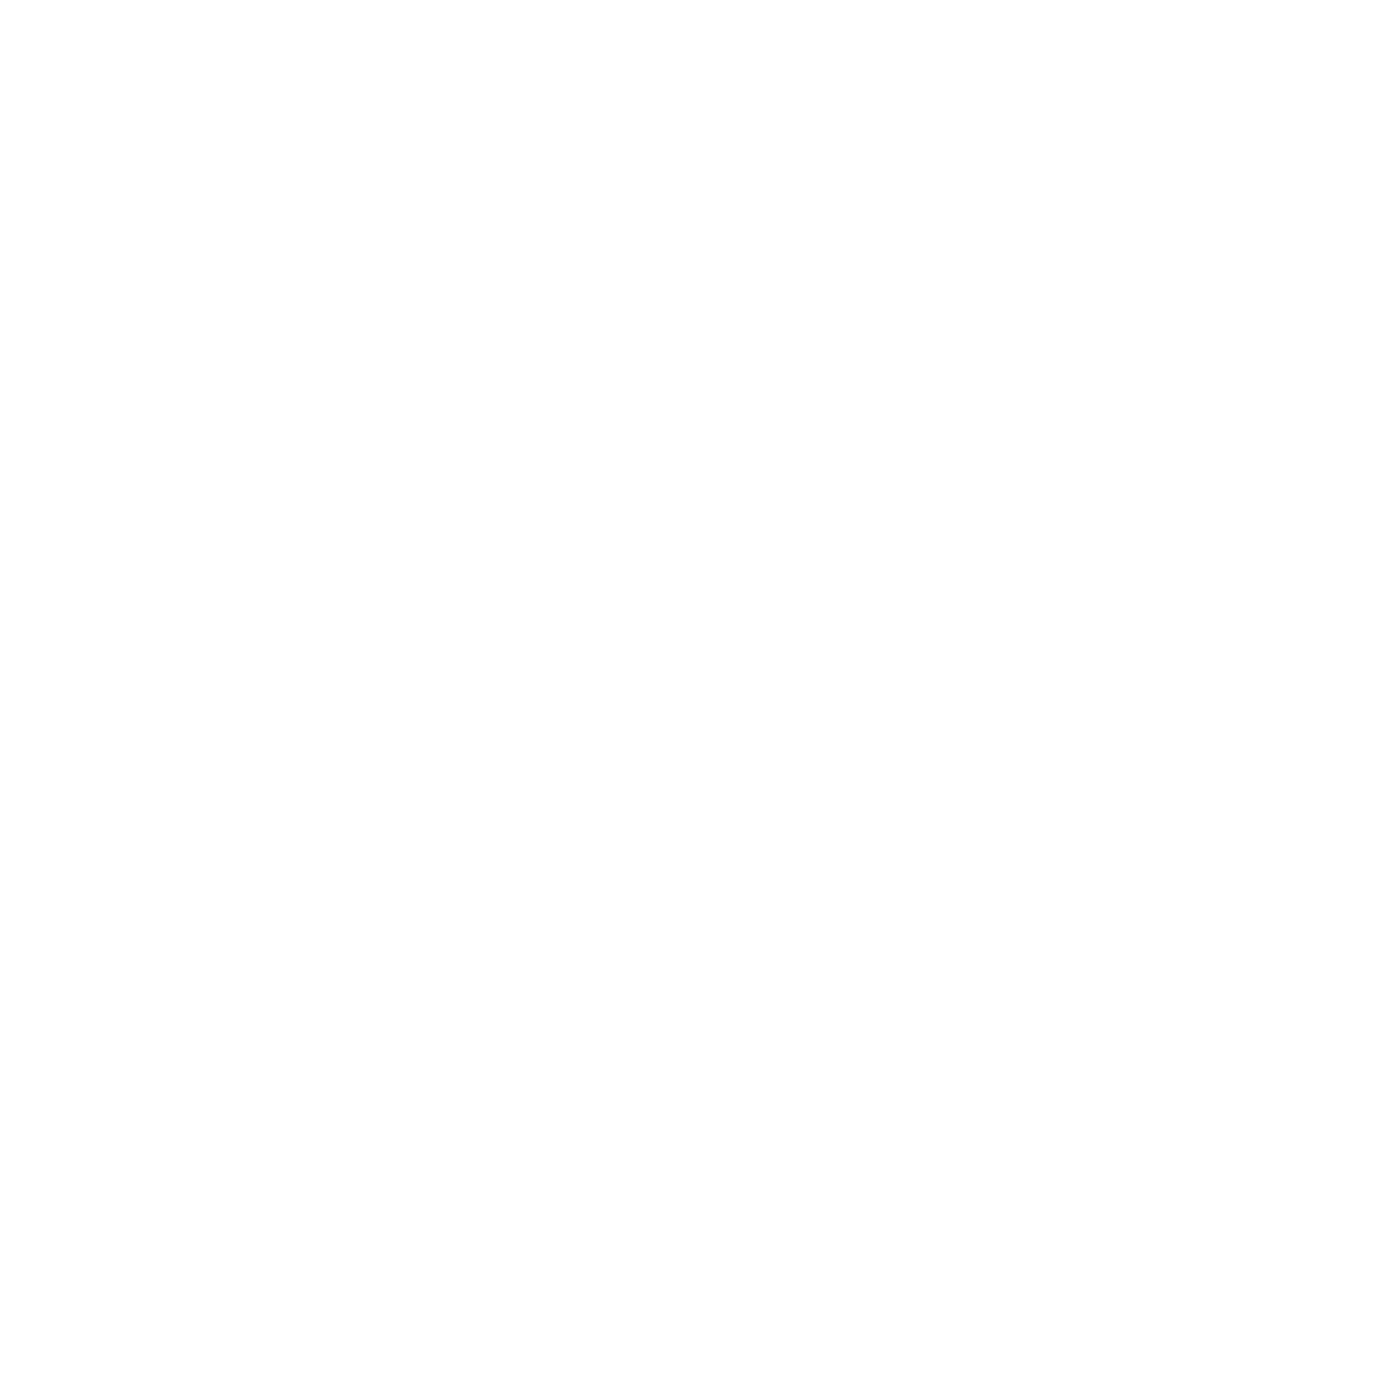 Download Hd Me Bank Logo Linkedin Logo Png White Circle